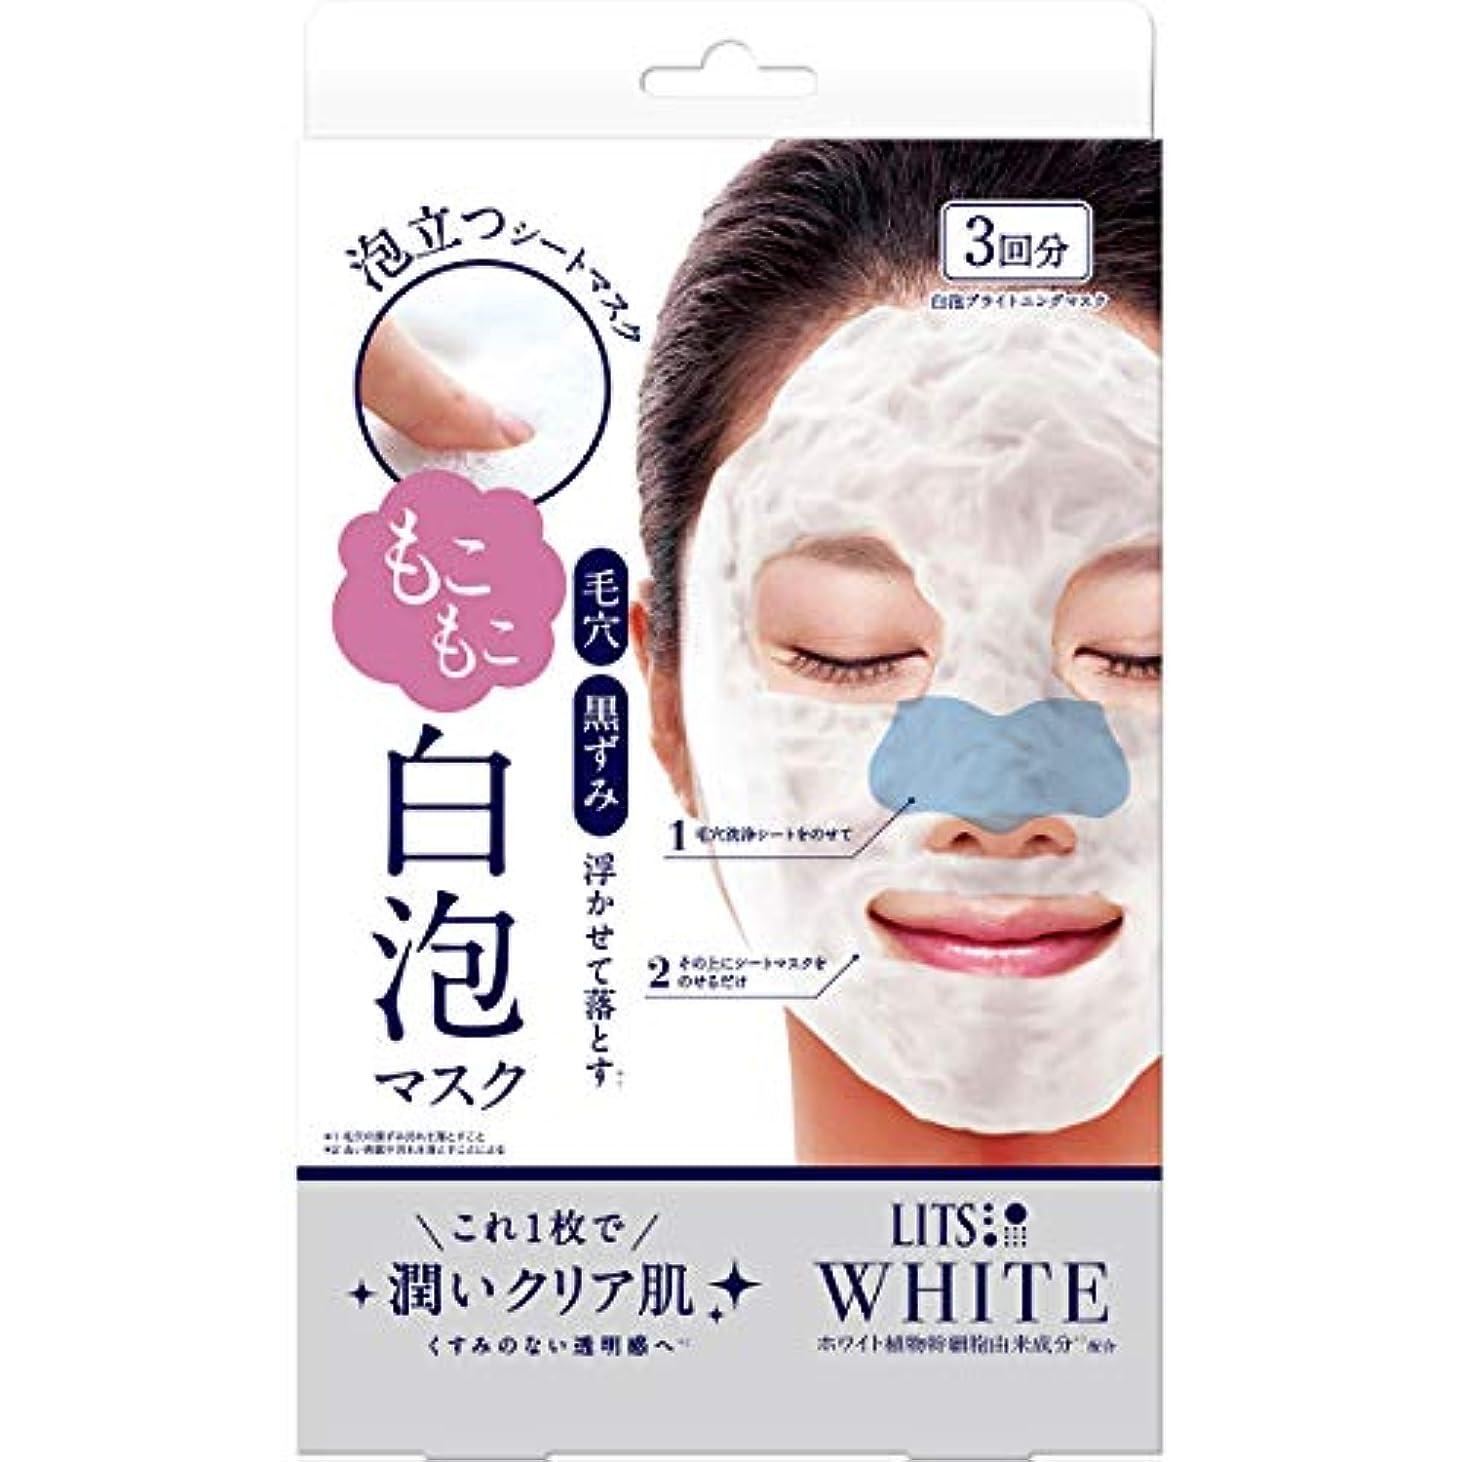 発表する雄弁家球体リッツ ホワイト もこもこ白泡マスク 3枚